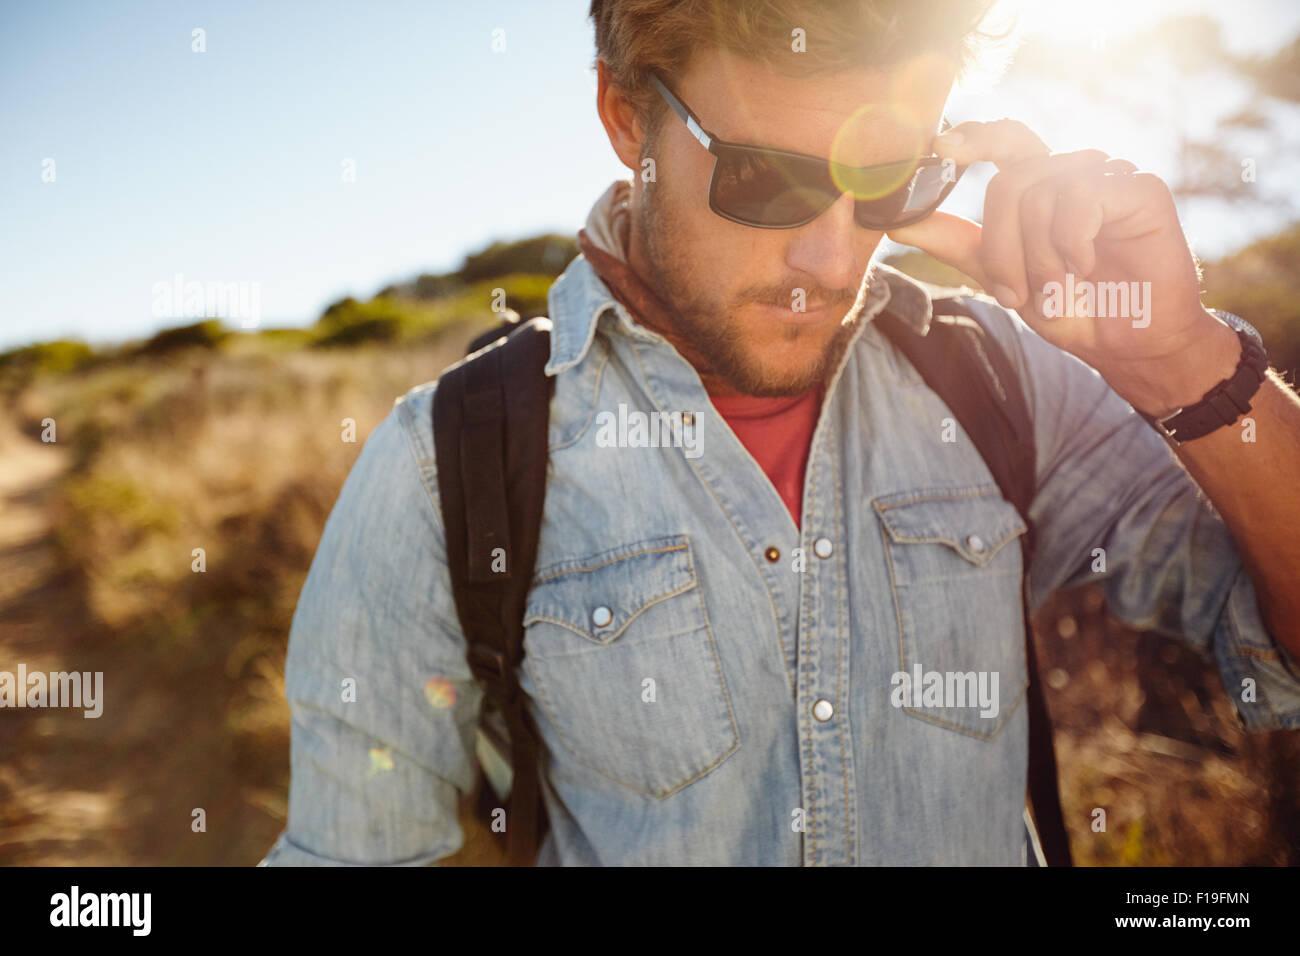 Schuss des Jünglings auf Land Wanderung hautnah. Kaukasische Männermodel Wandern mit Sonnenbrille mit Stockbild